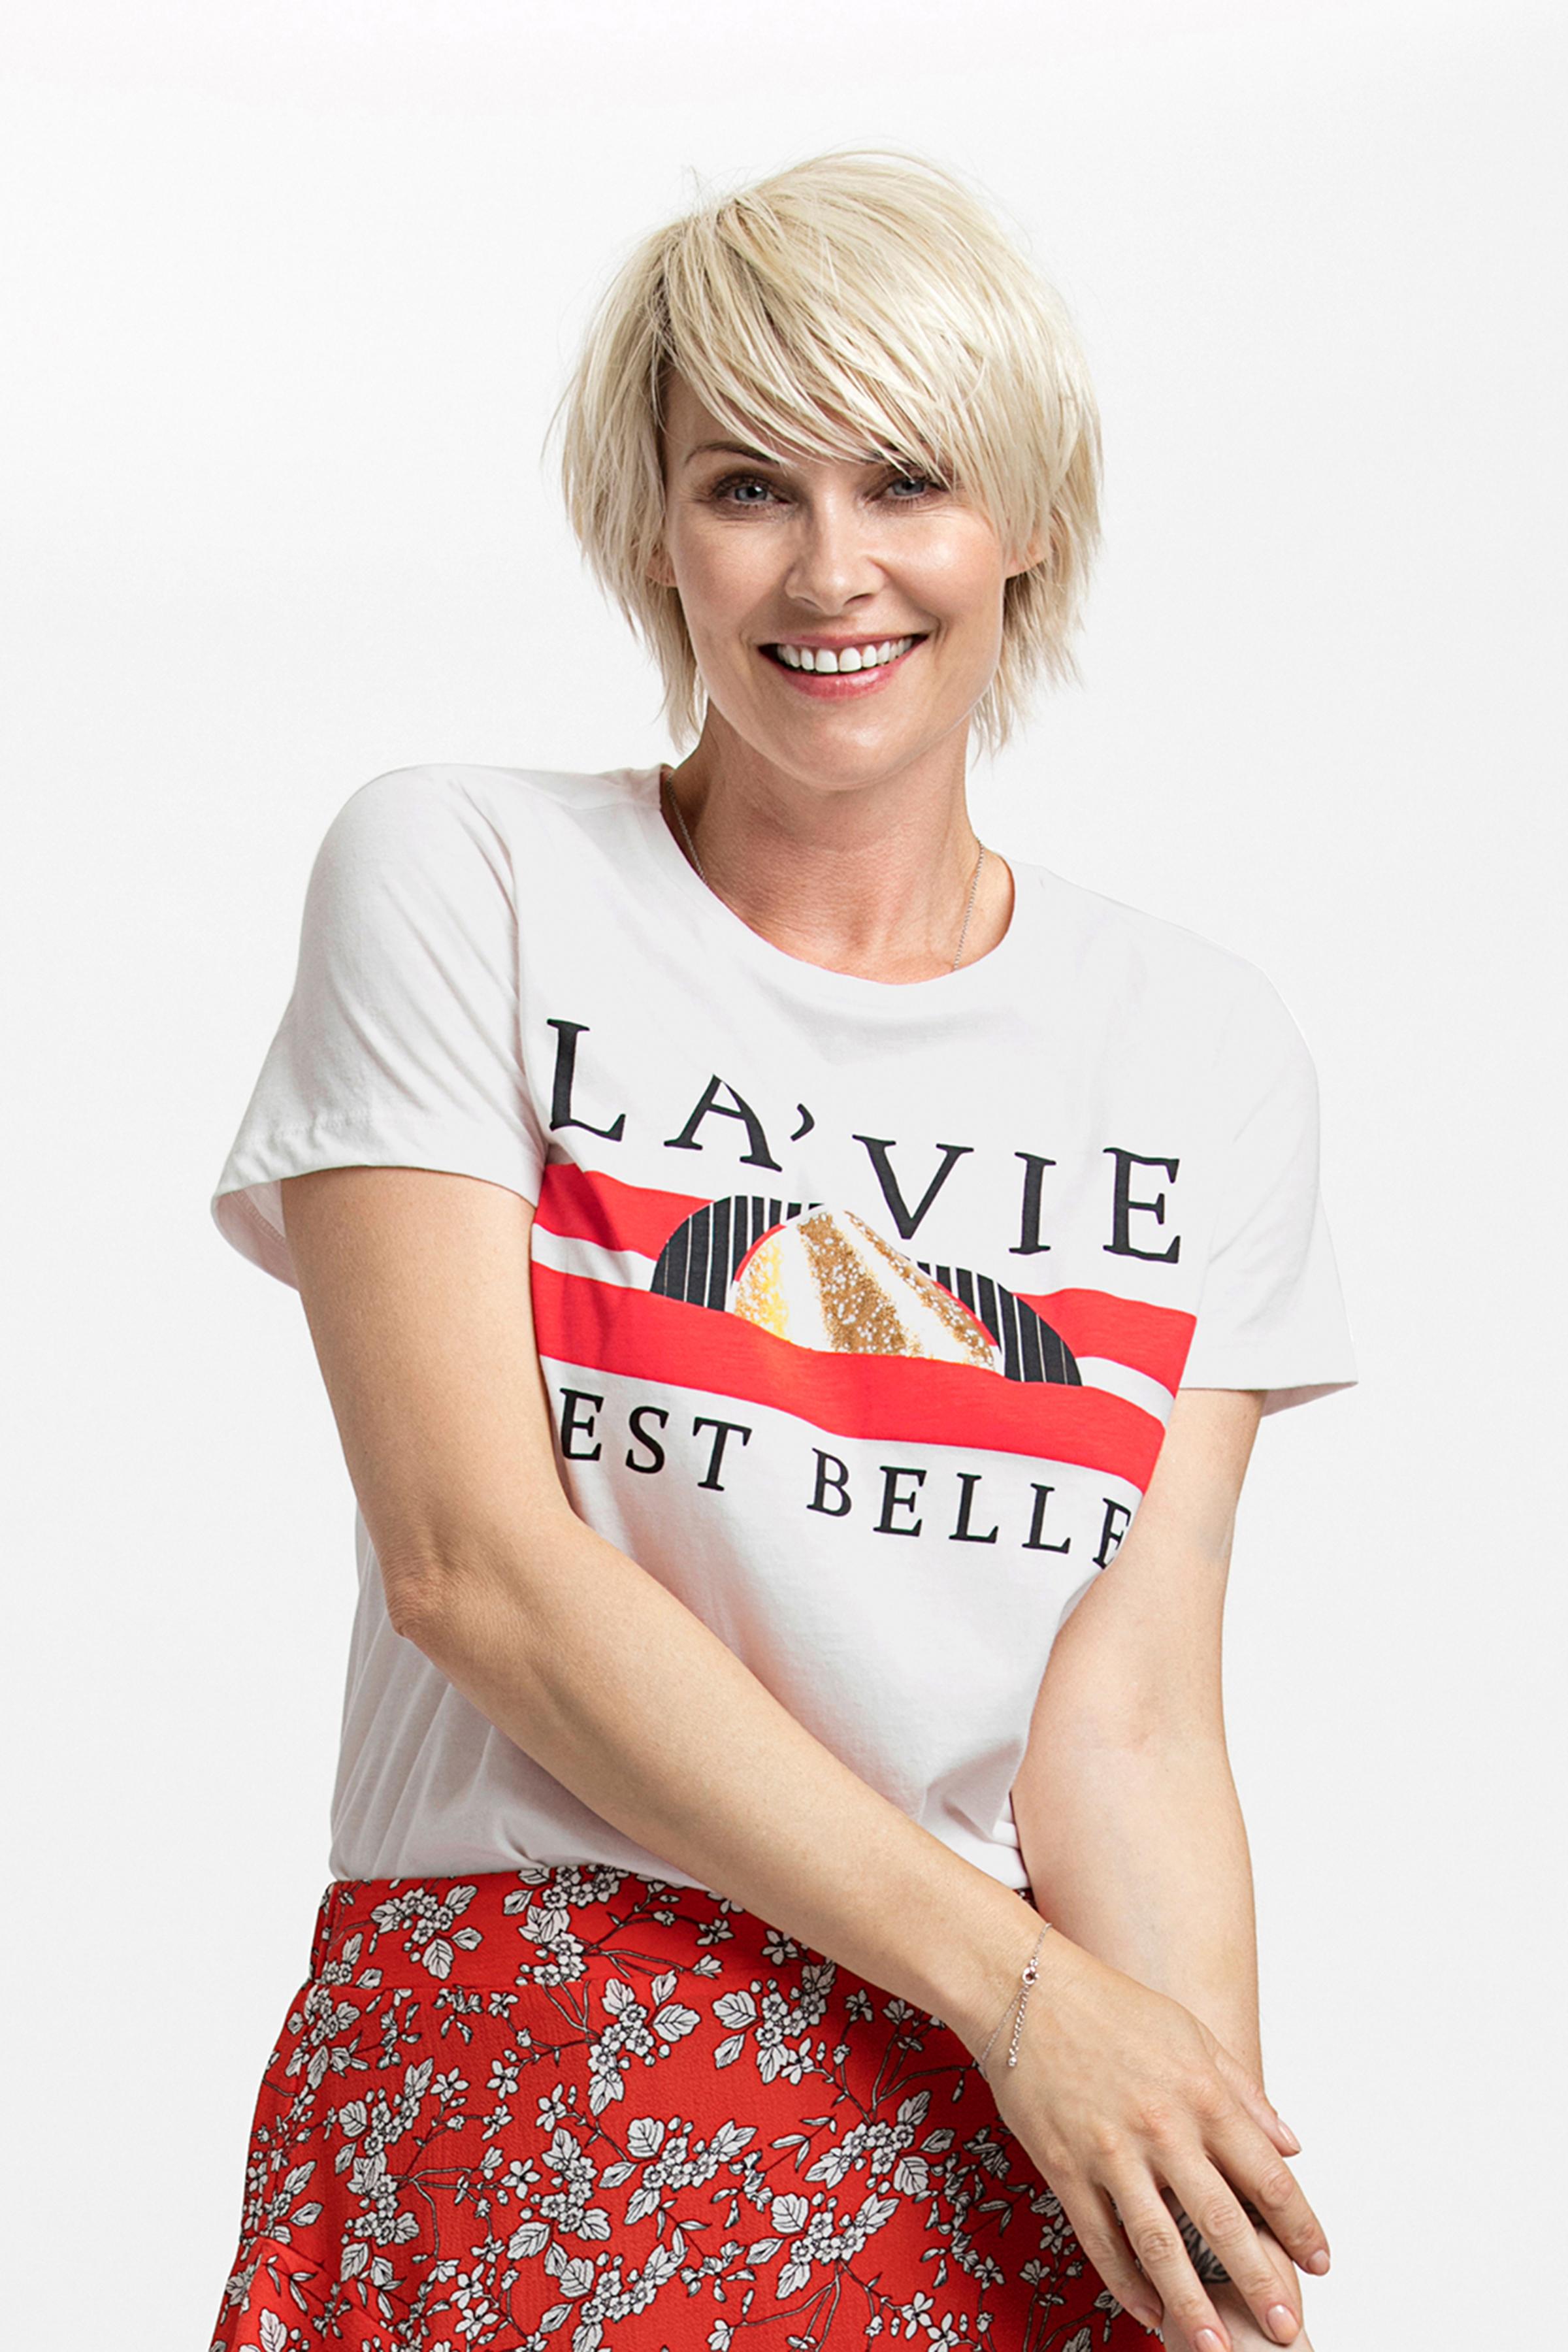 Hvid/rød Kortærmet T-shirt fra Fransa – Køb Hvid/rød Kortærmet T-shirt fra str. L-XXL her